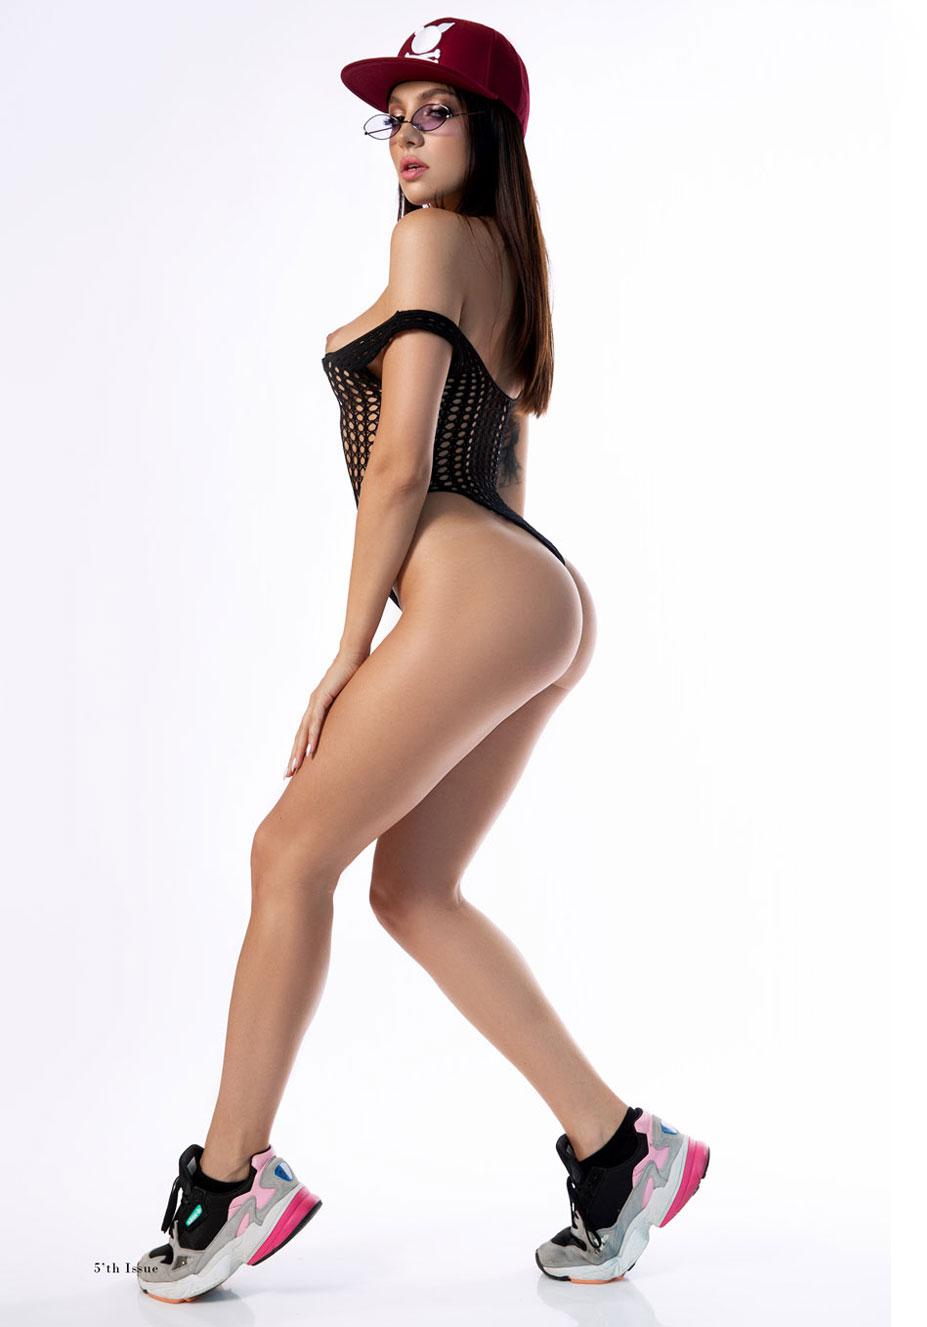 сексуальная Ана Томоану раздевается догола для занятий спортом / фото 05